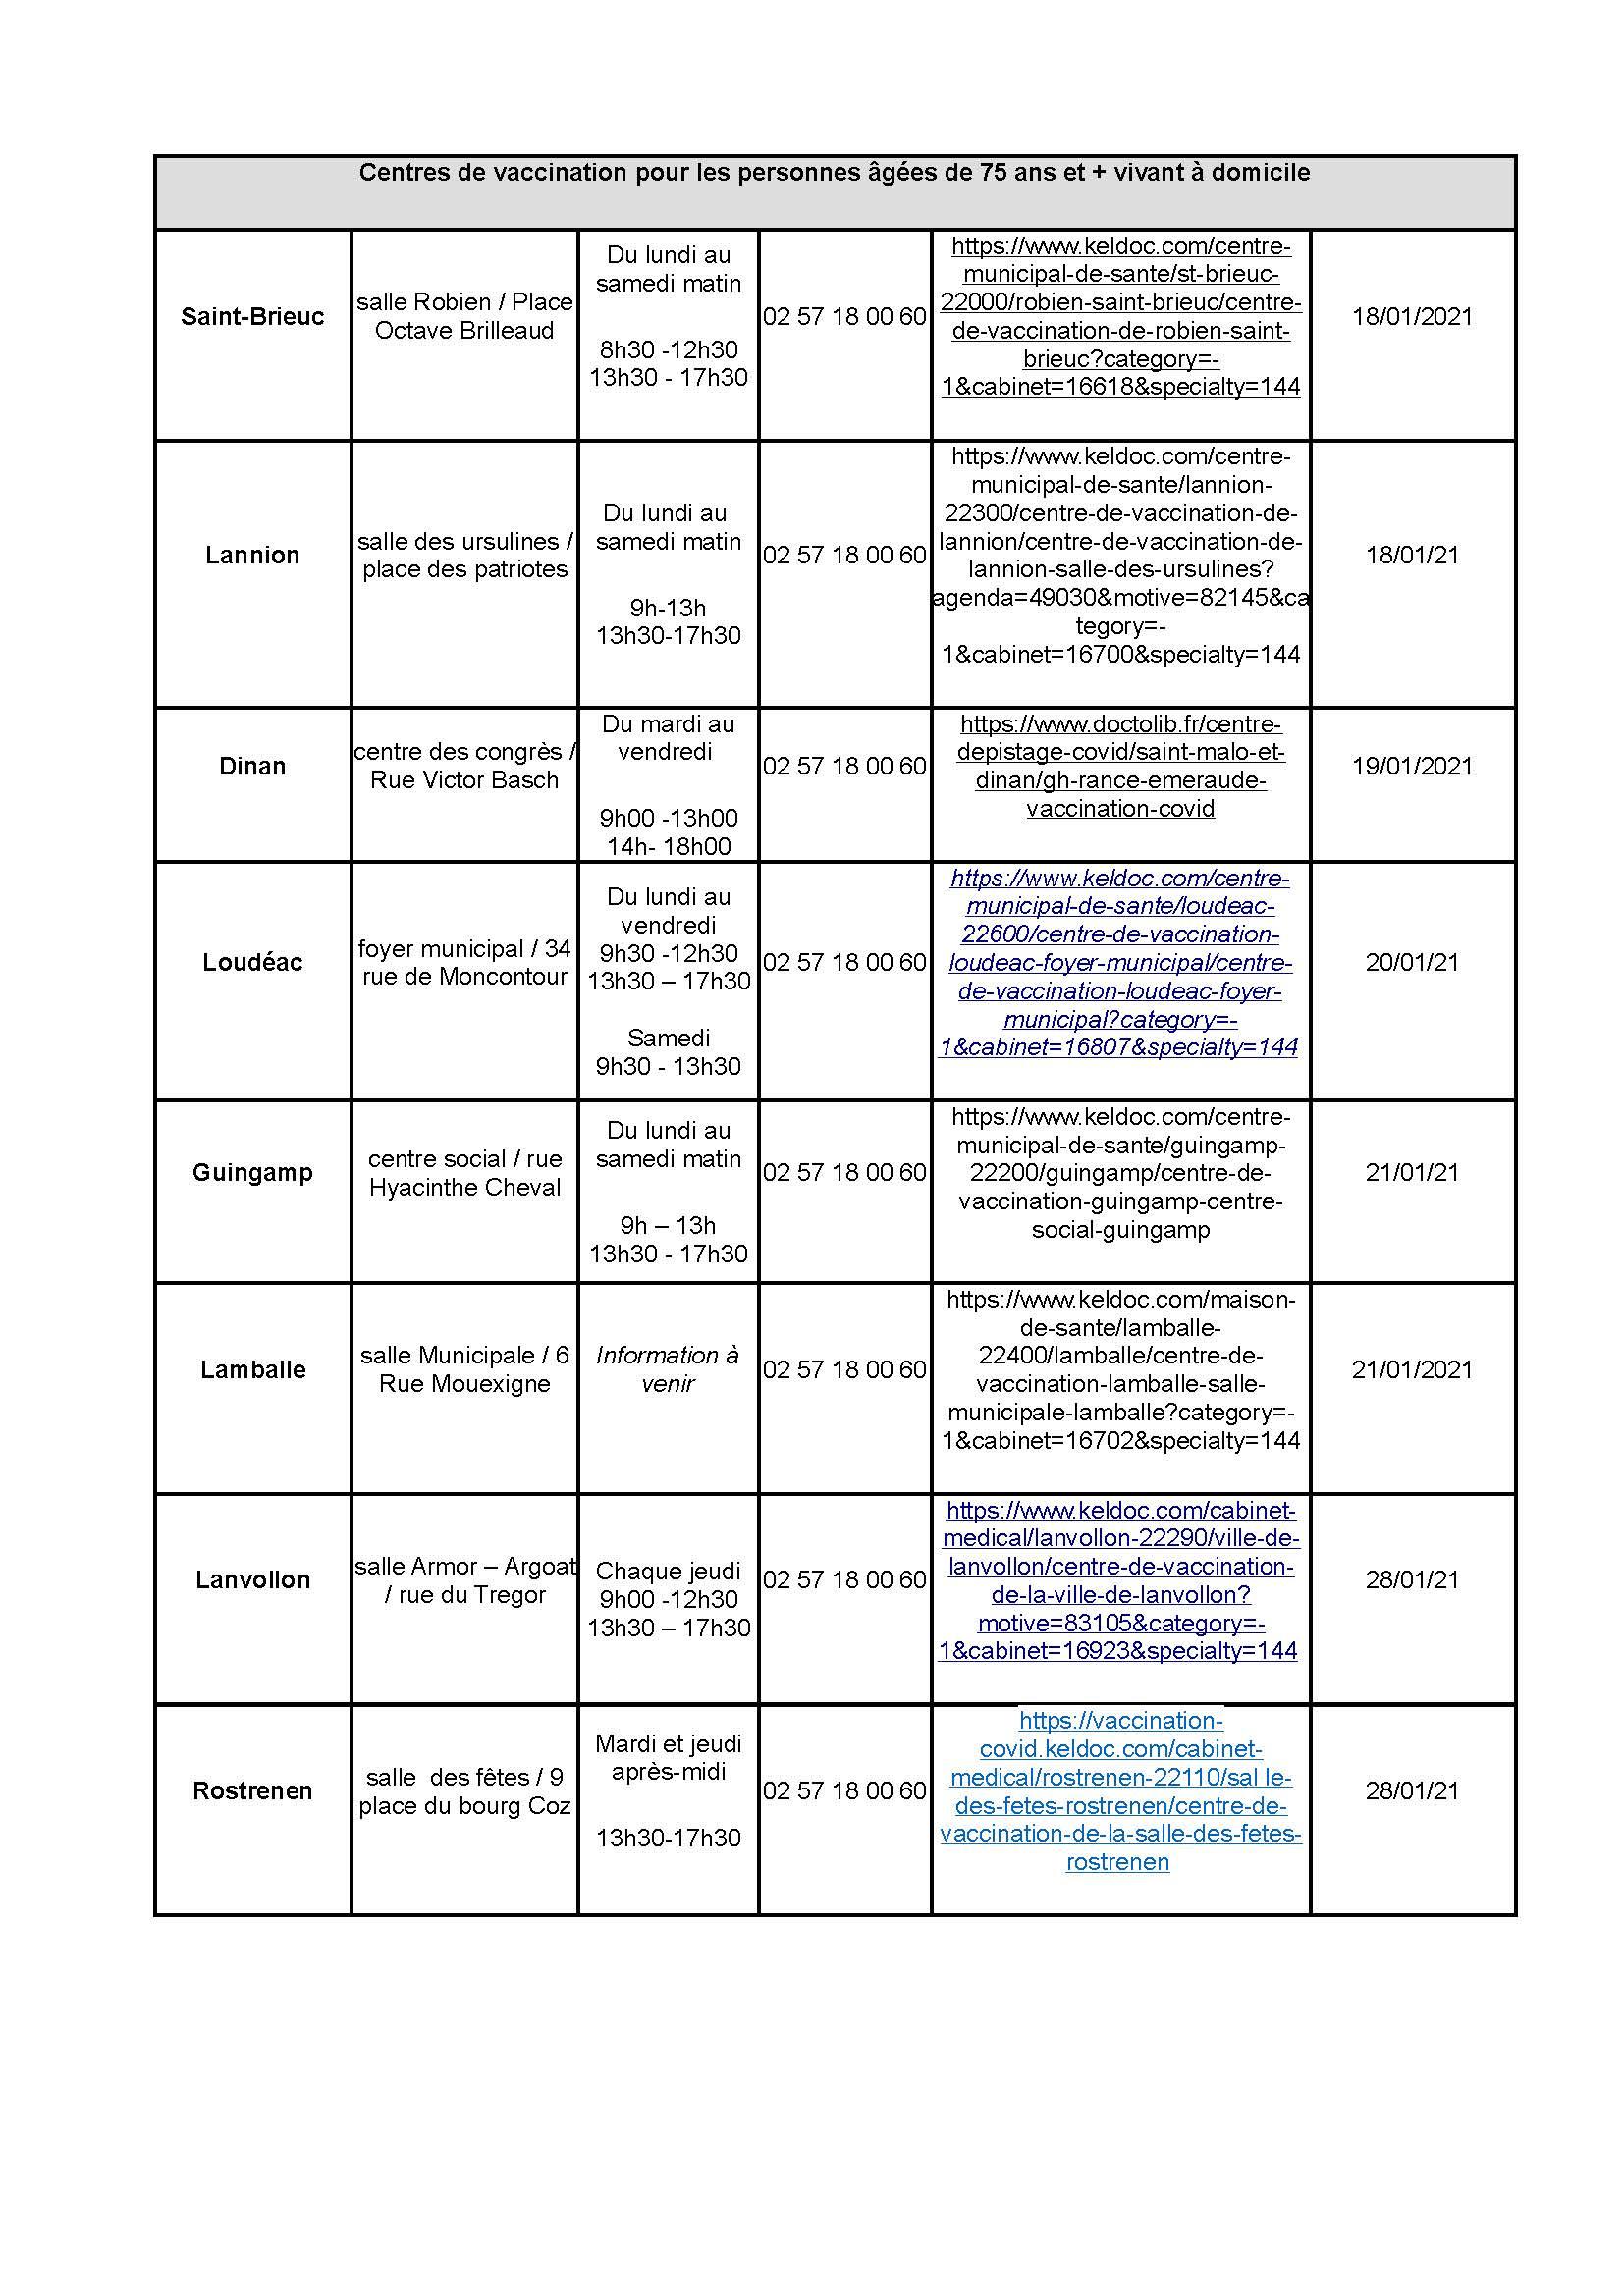 Liste_centres_vaccination_1er avril.jpg